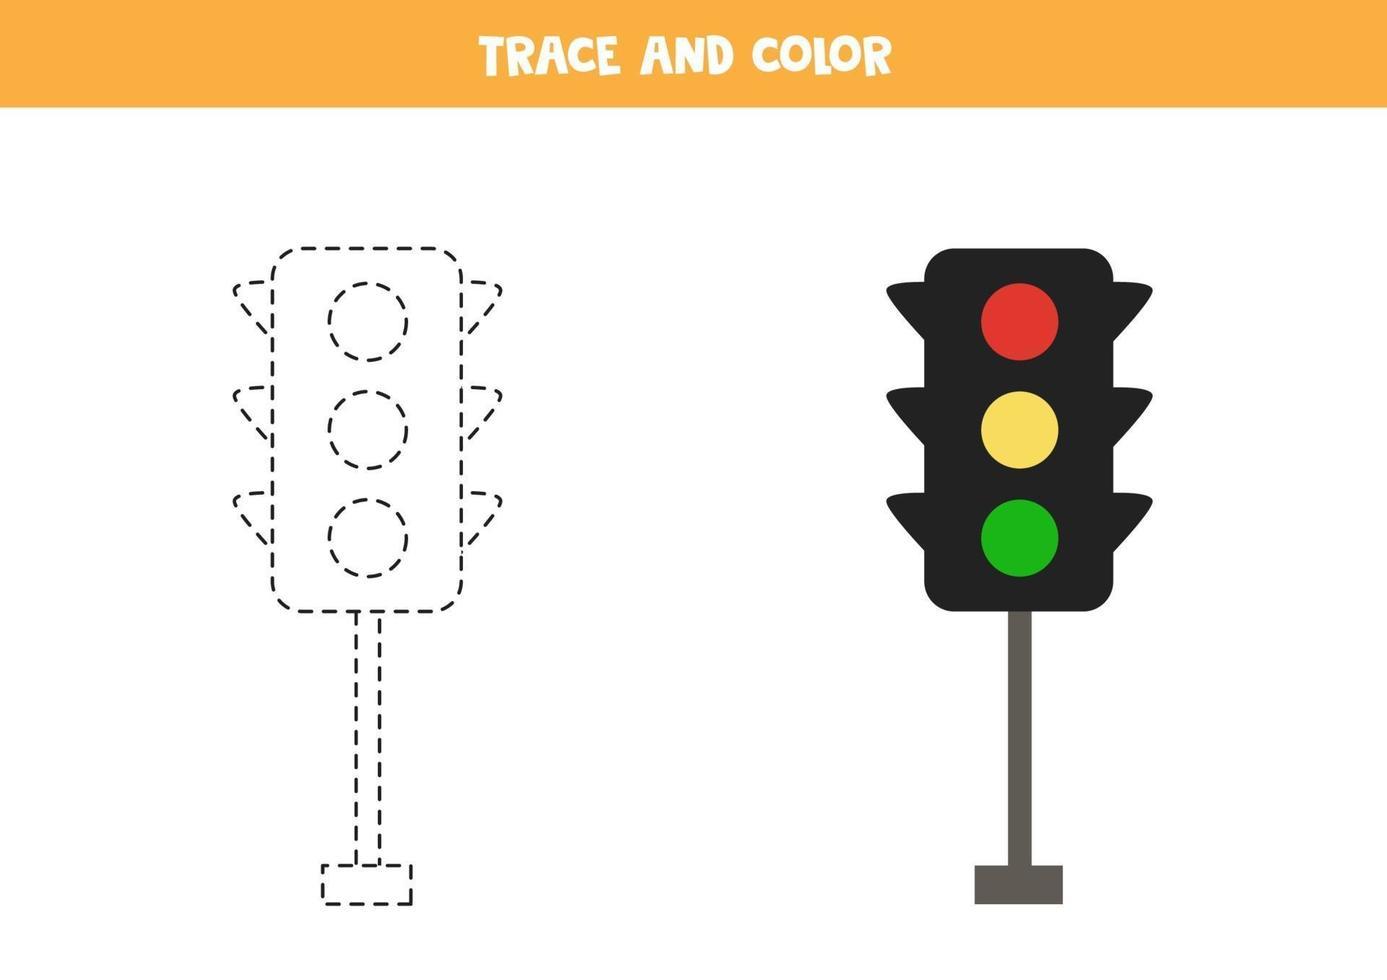 traccia e colora i semafori dei cartoni animati. foglio di lavoro spaziale per bambini. vettore